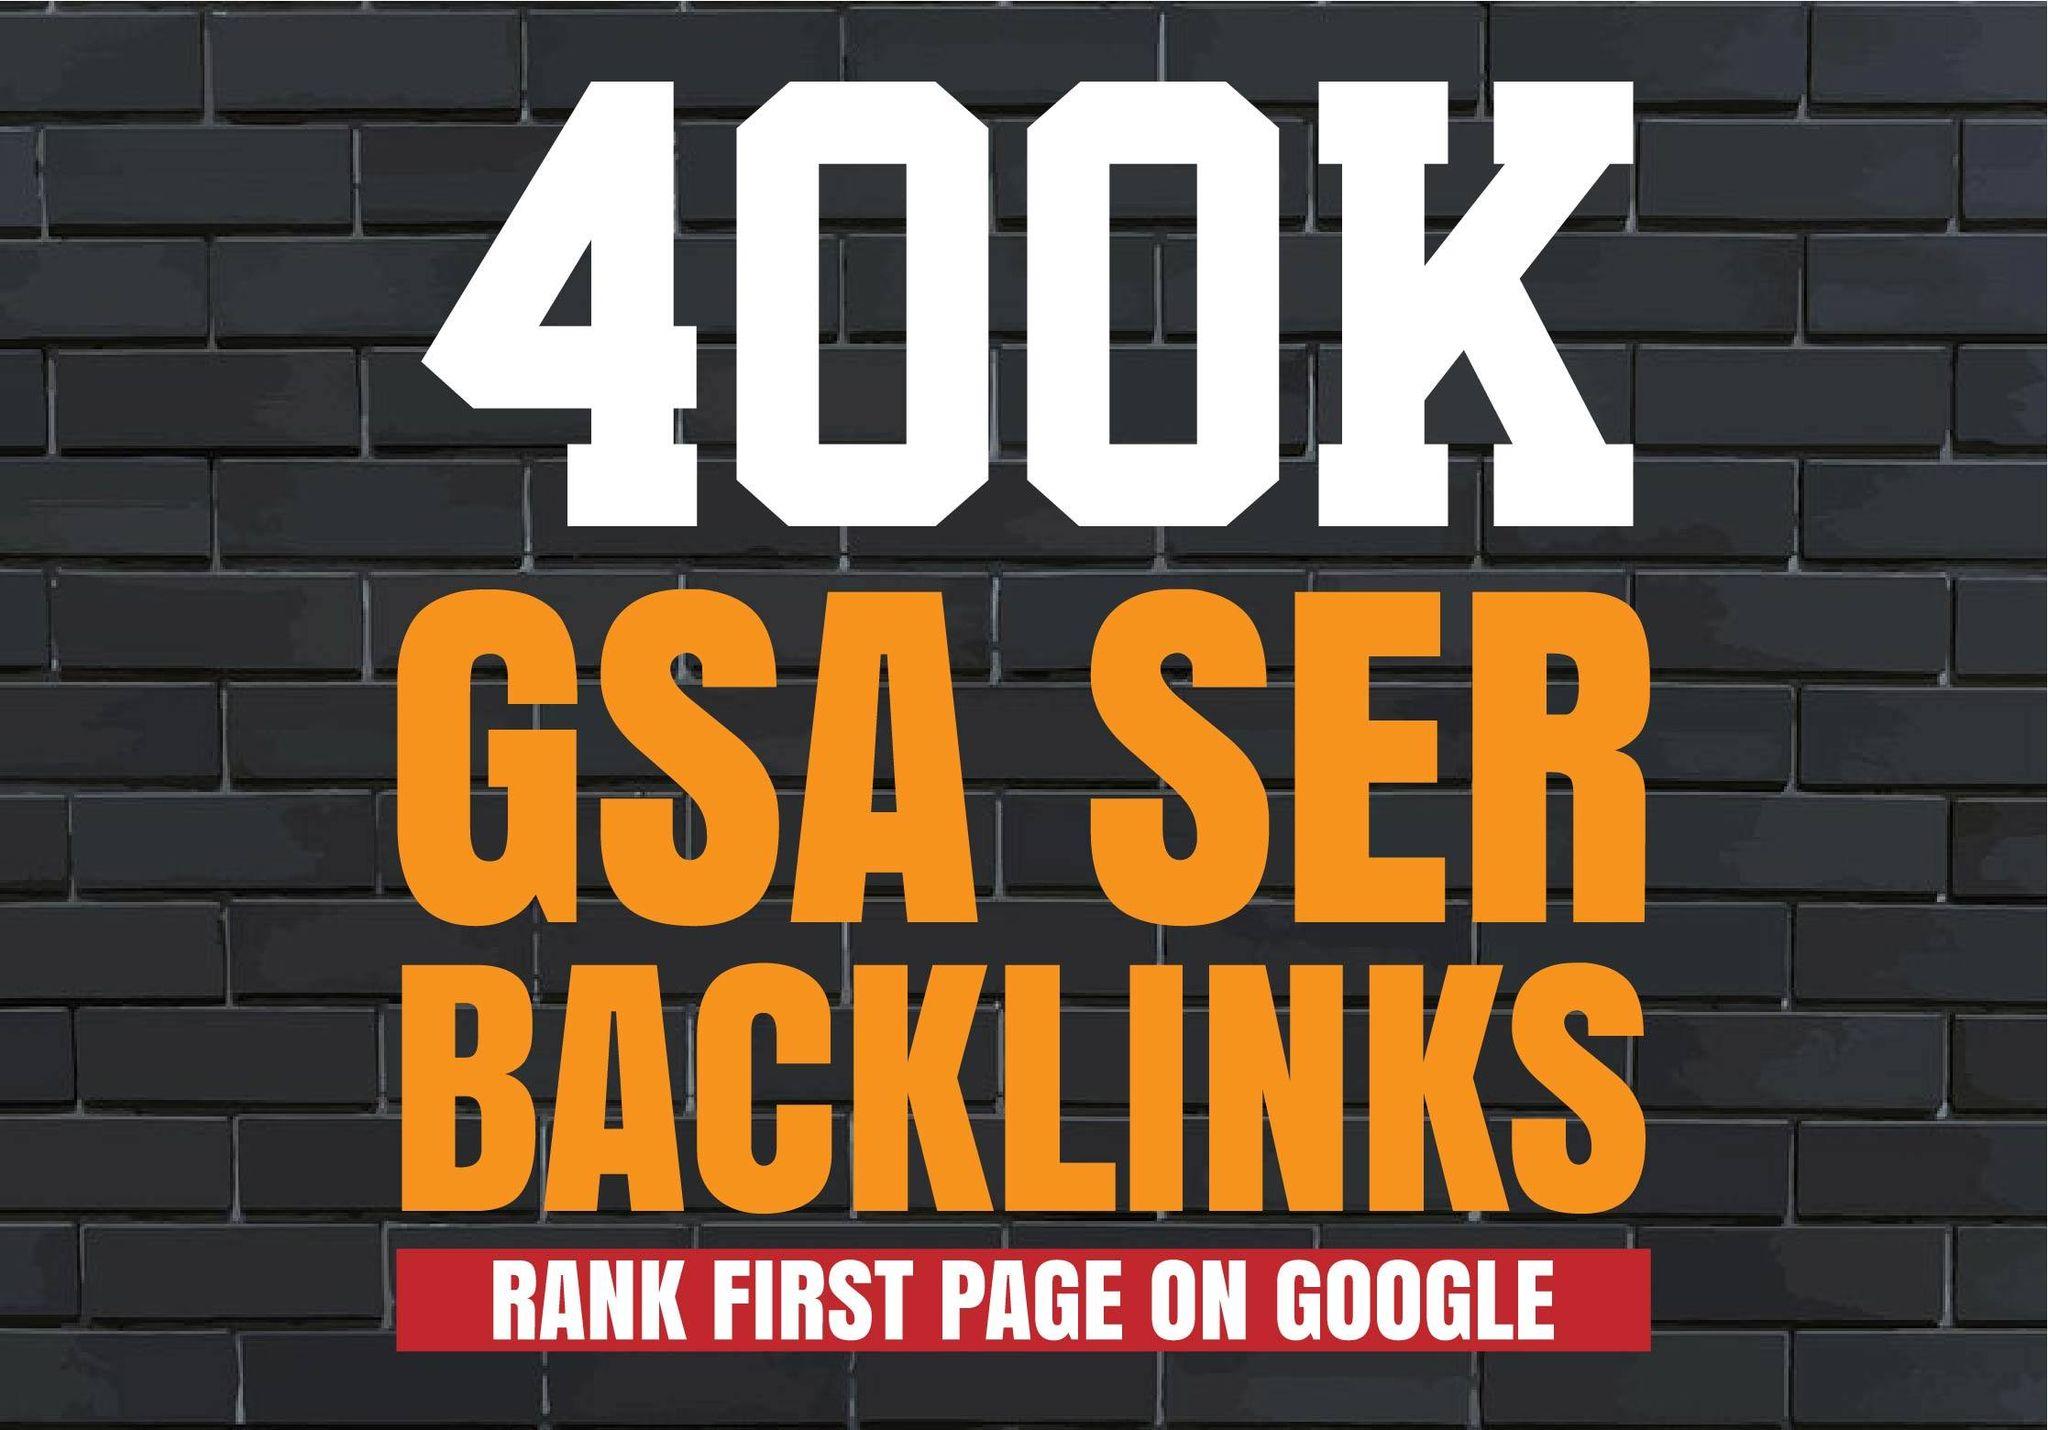 I'll create 400K GSA SER backlinks for your website for google ranking